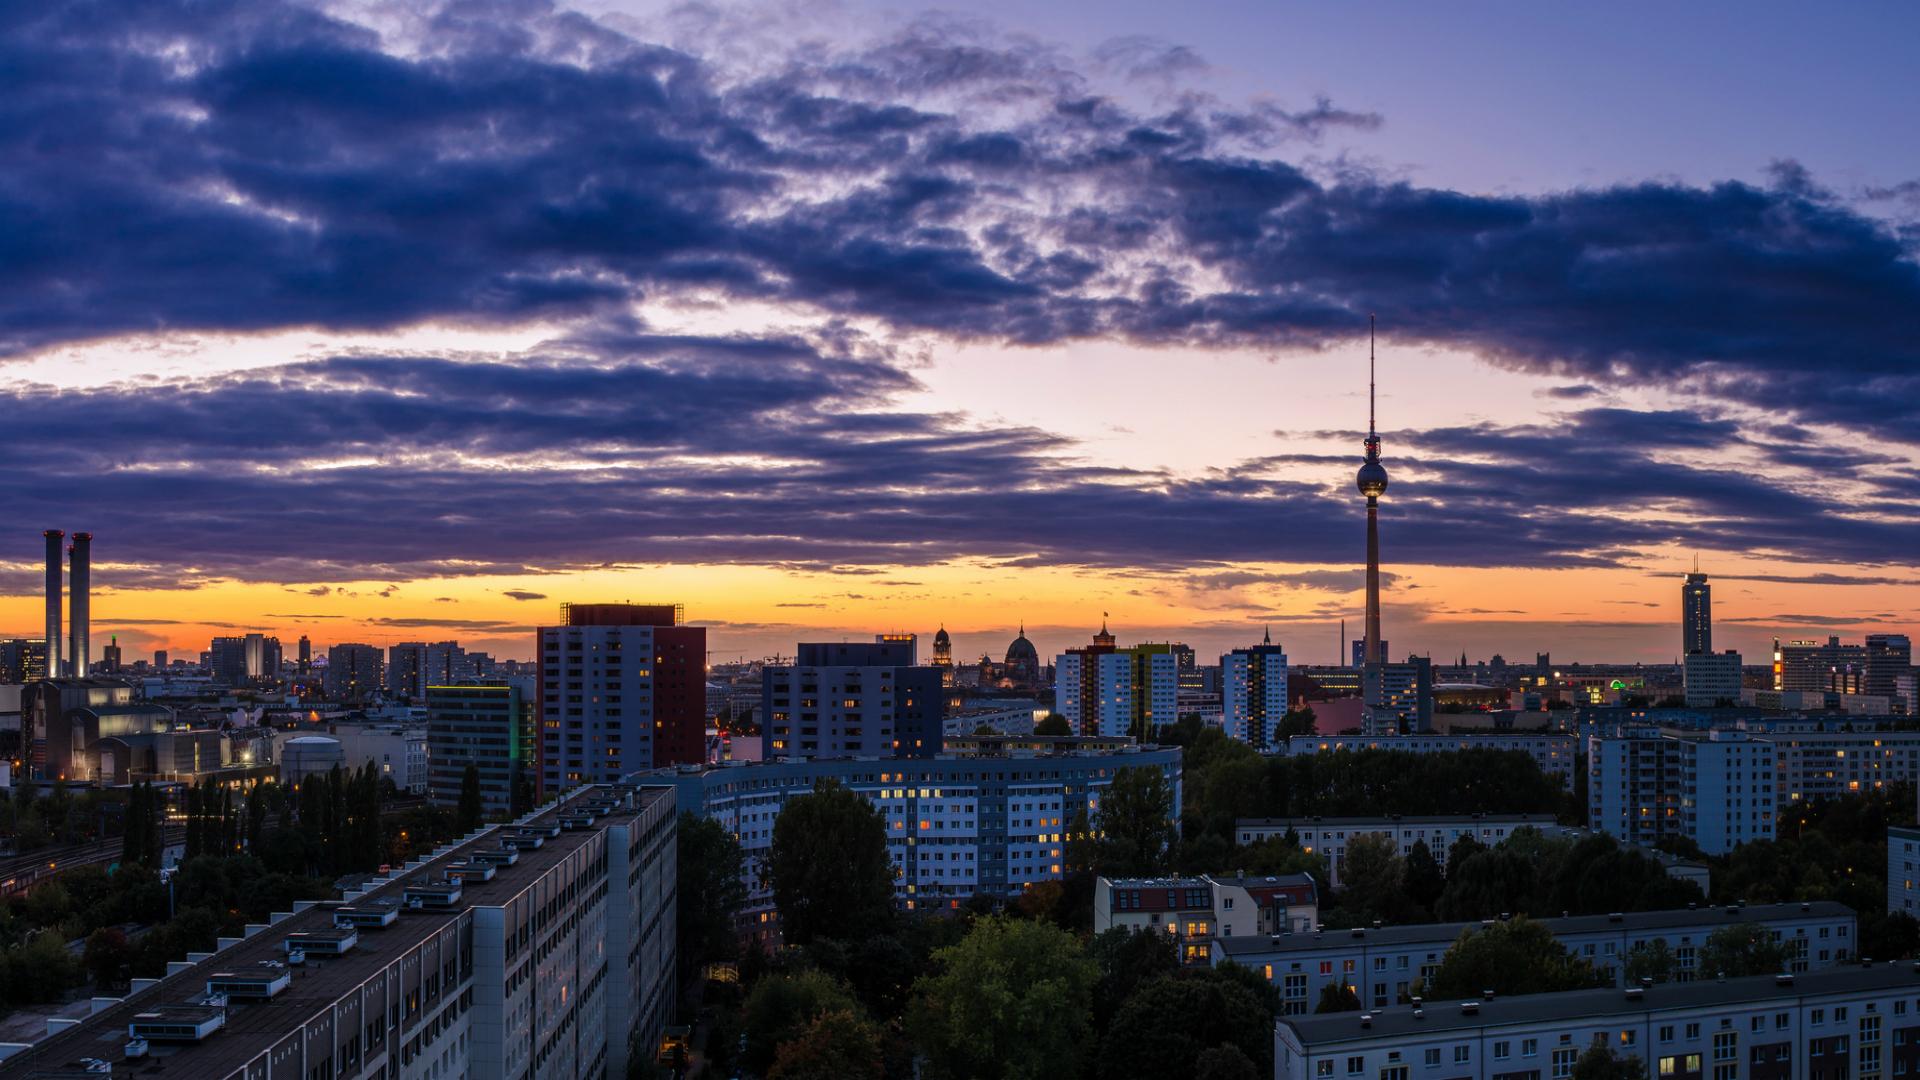 Berlin Wallpapers HD Free download | PixelsTalk.Net